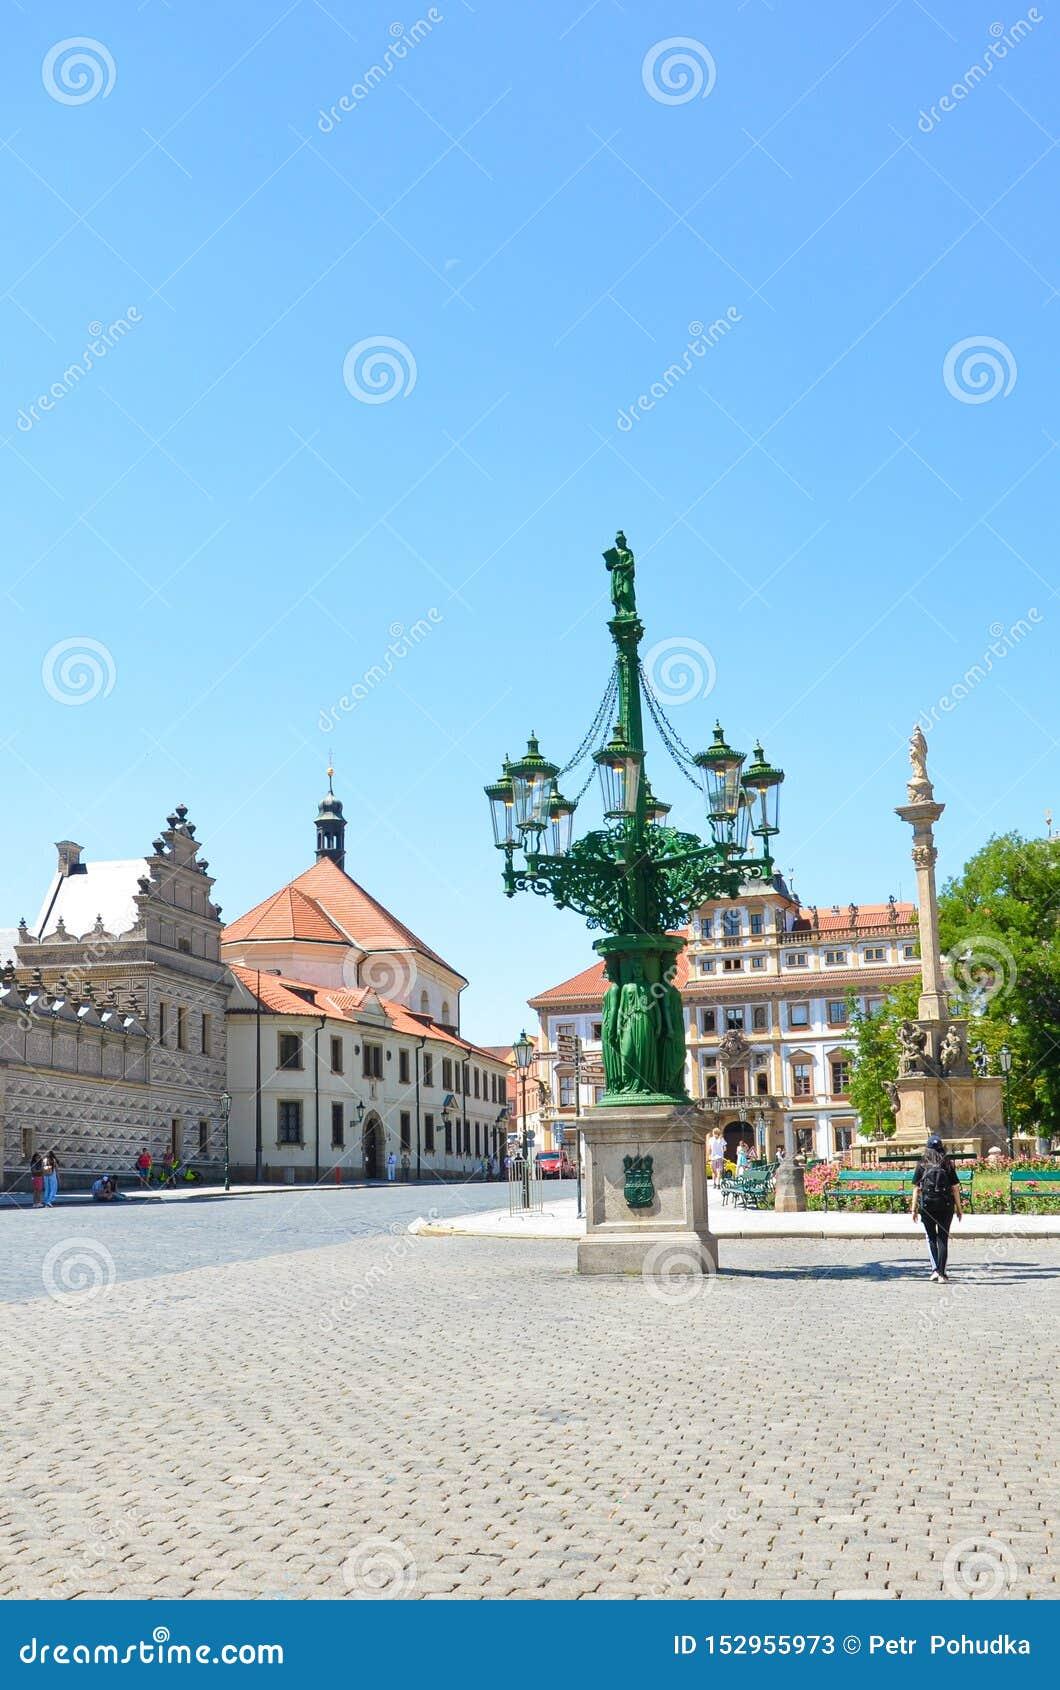 Прага в июне, отдых и погода в Праге (Чехия) | 1689x1060